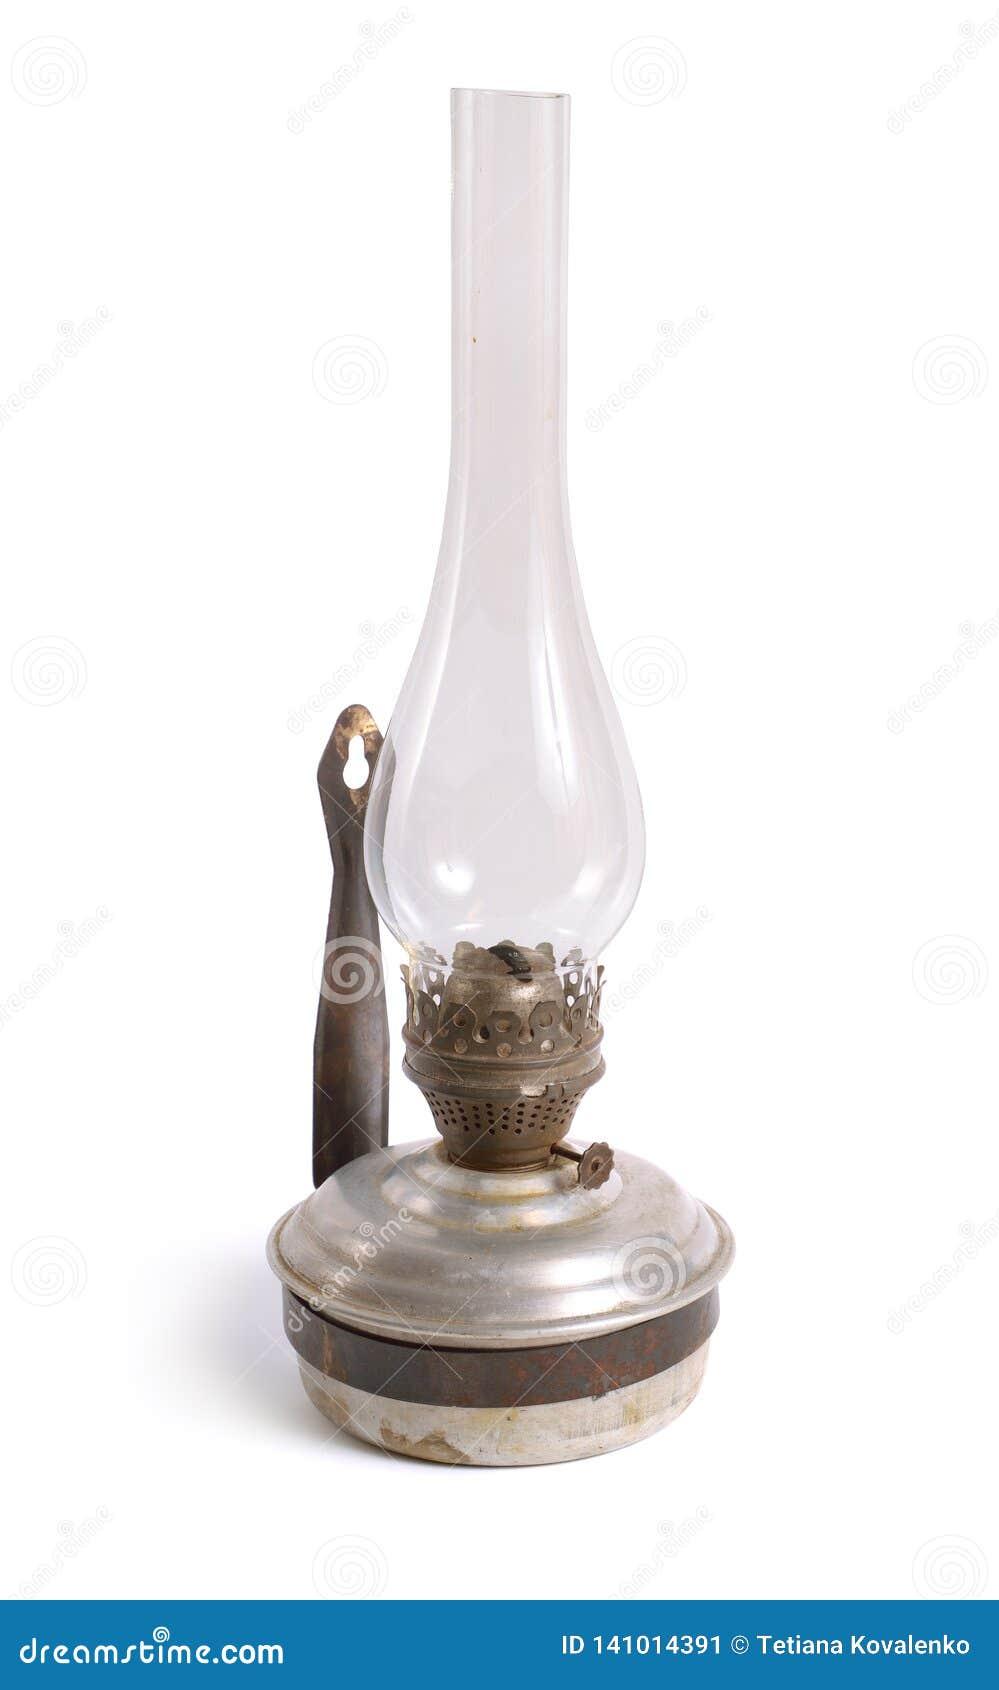 Vintage Kerosene Lamp Isolated On White Background Stock Image Image Of Night Glass 141014391